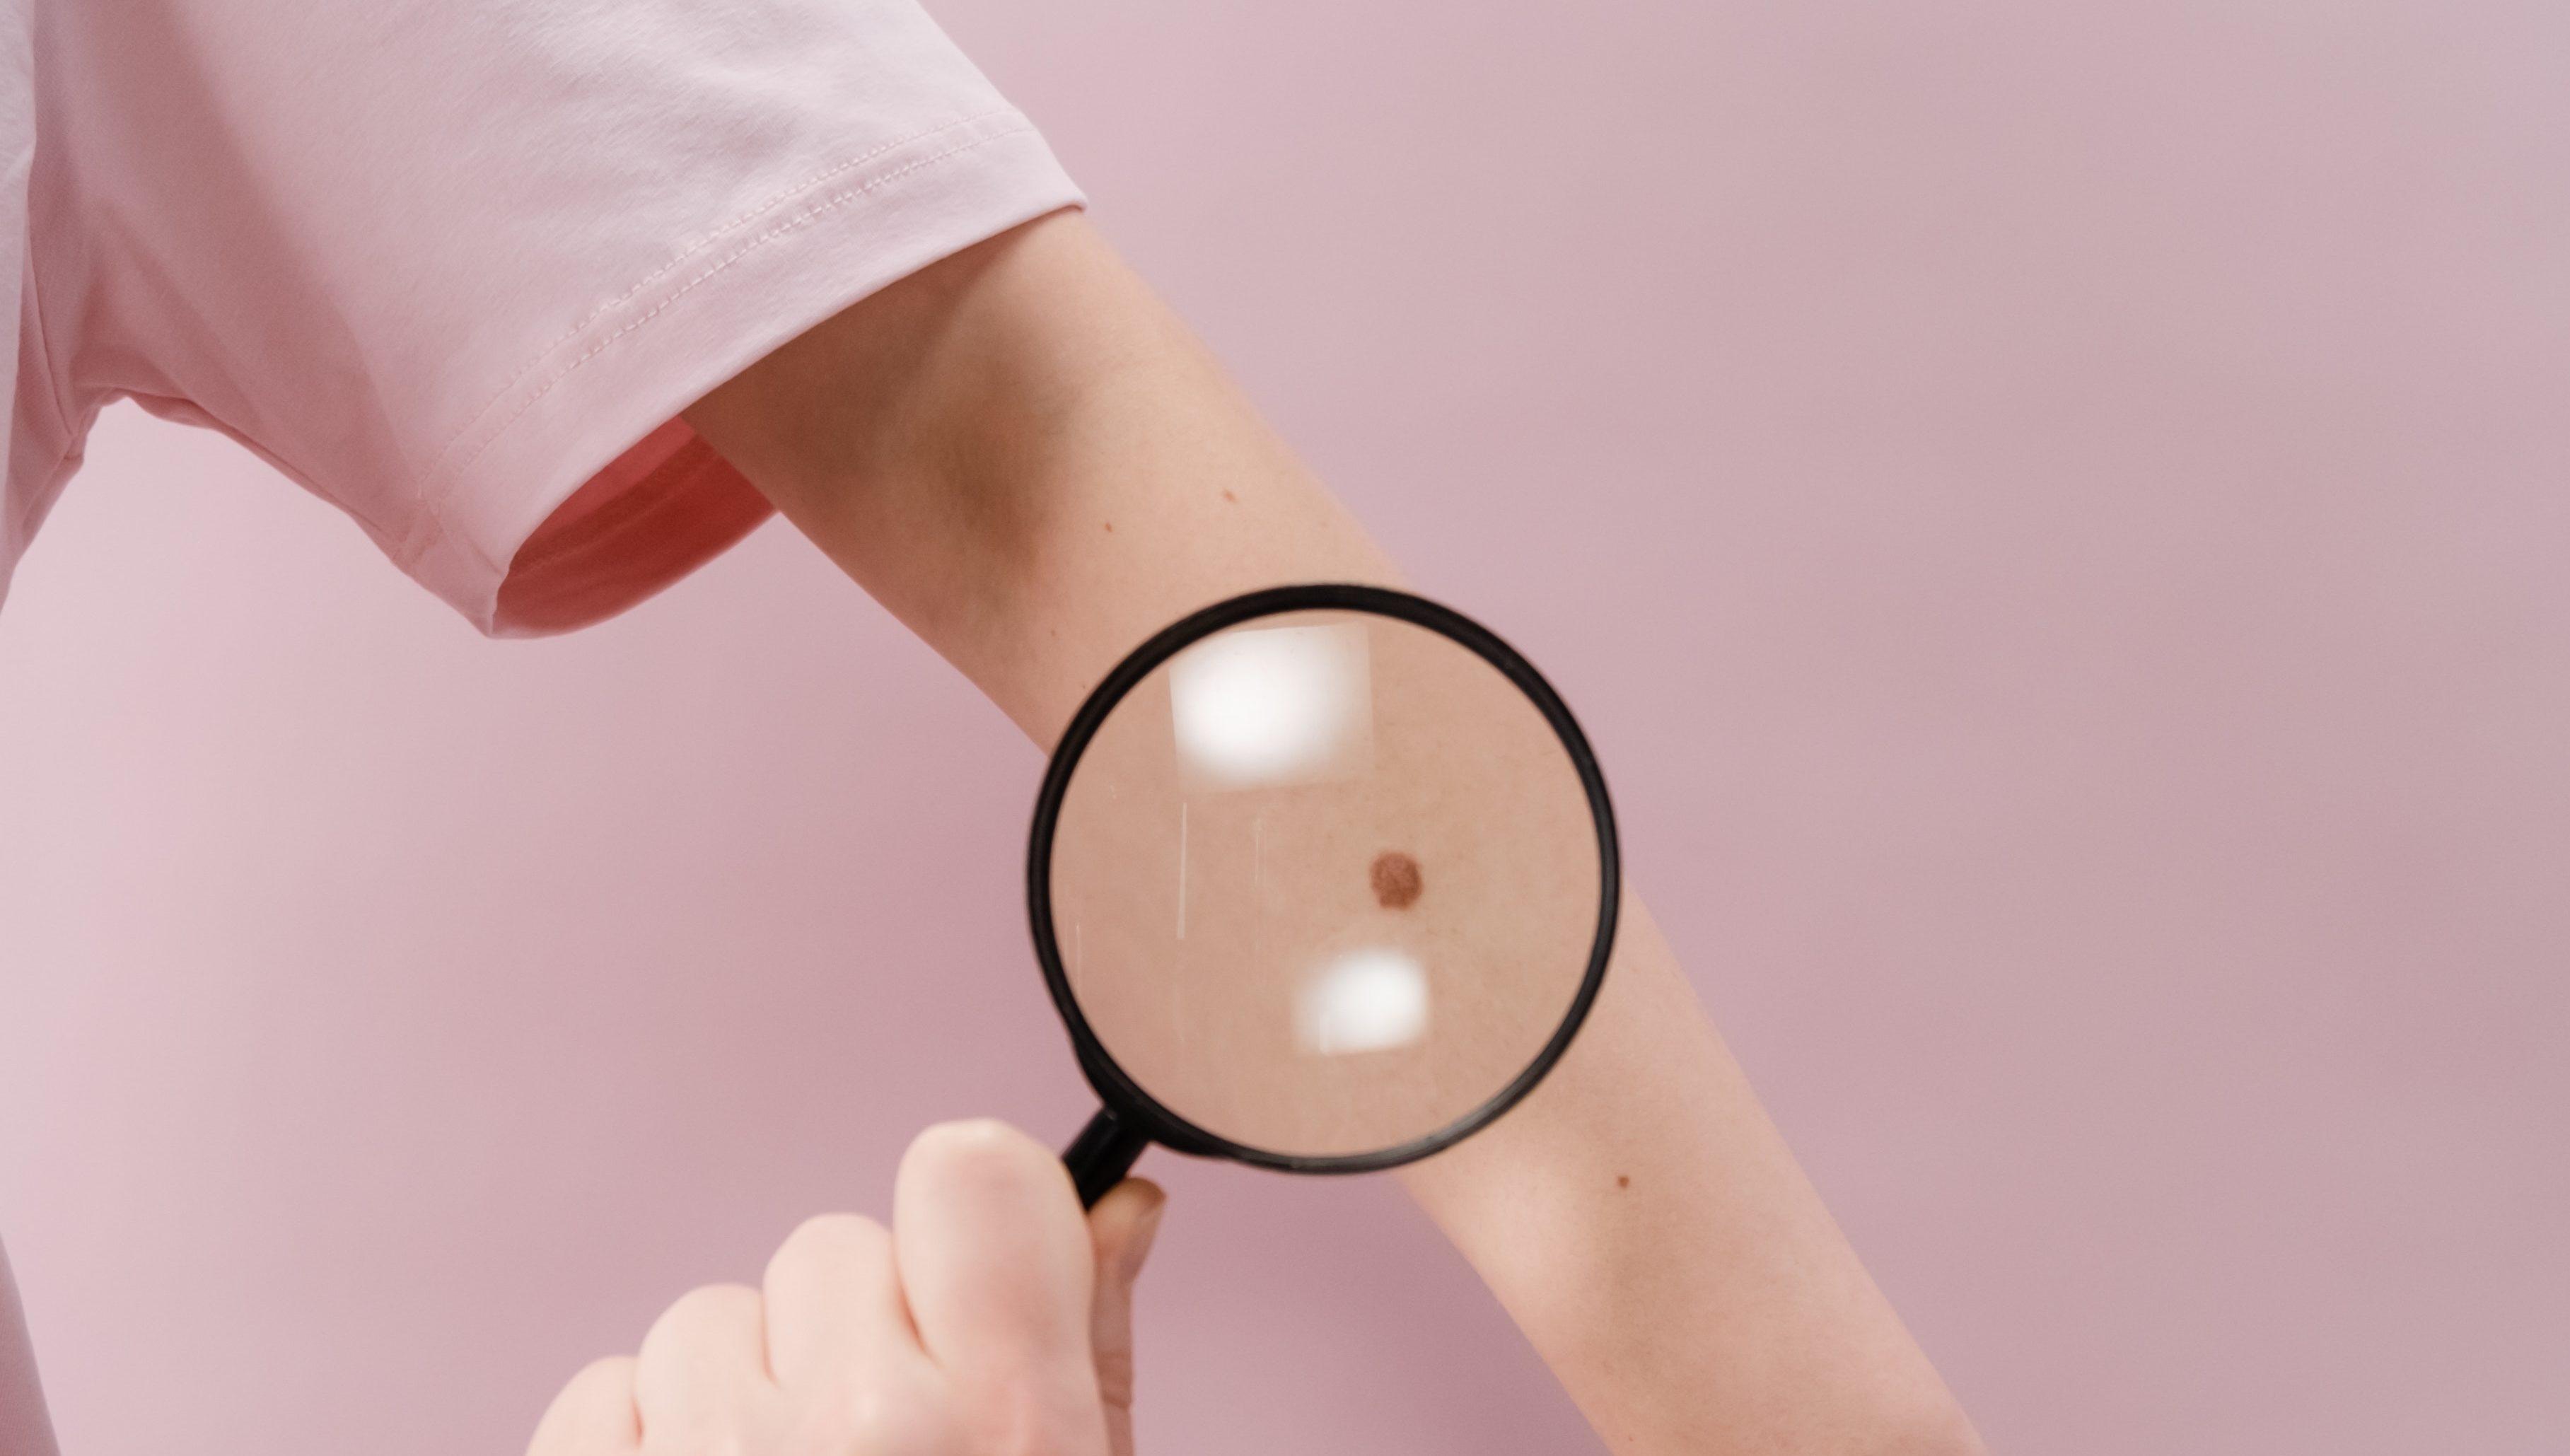 Manchas na pele: como identificar e tratar o problema?